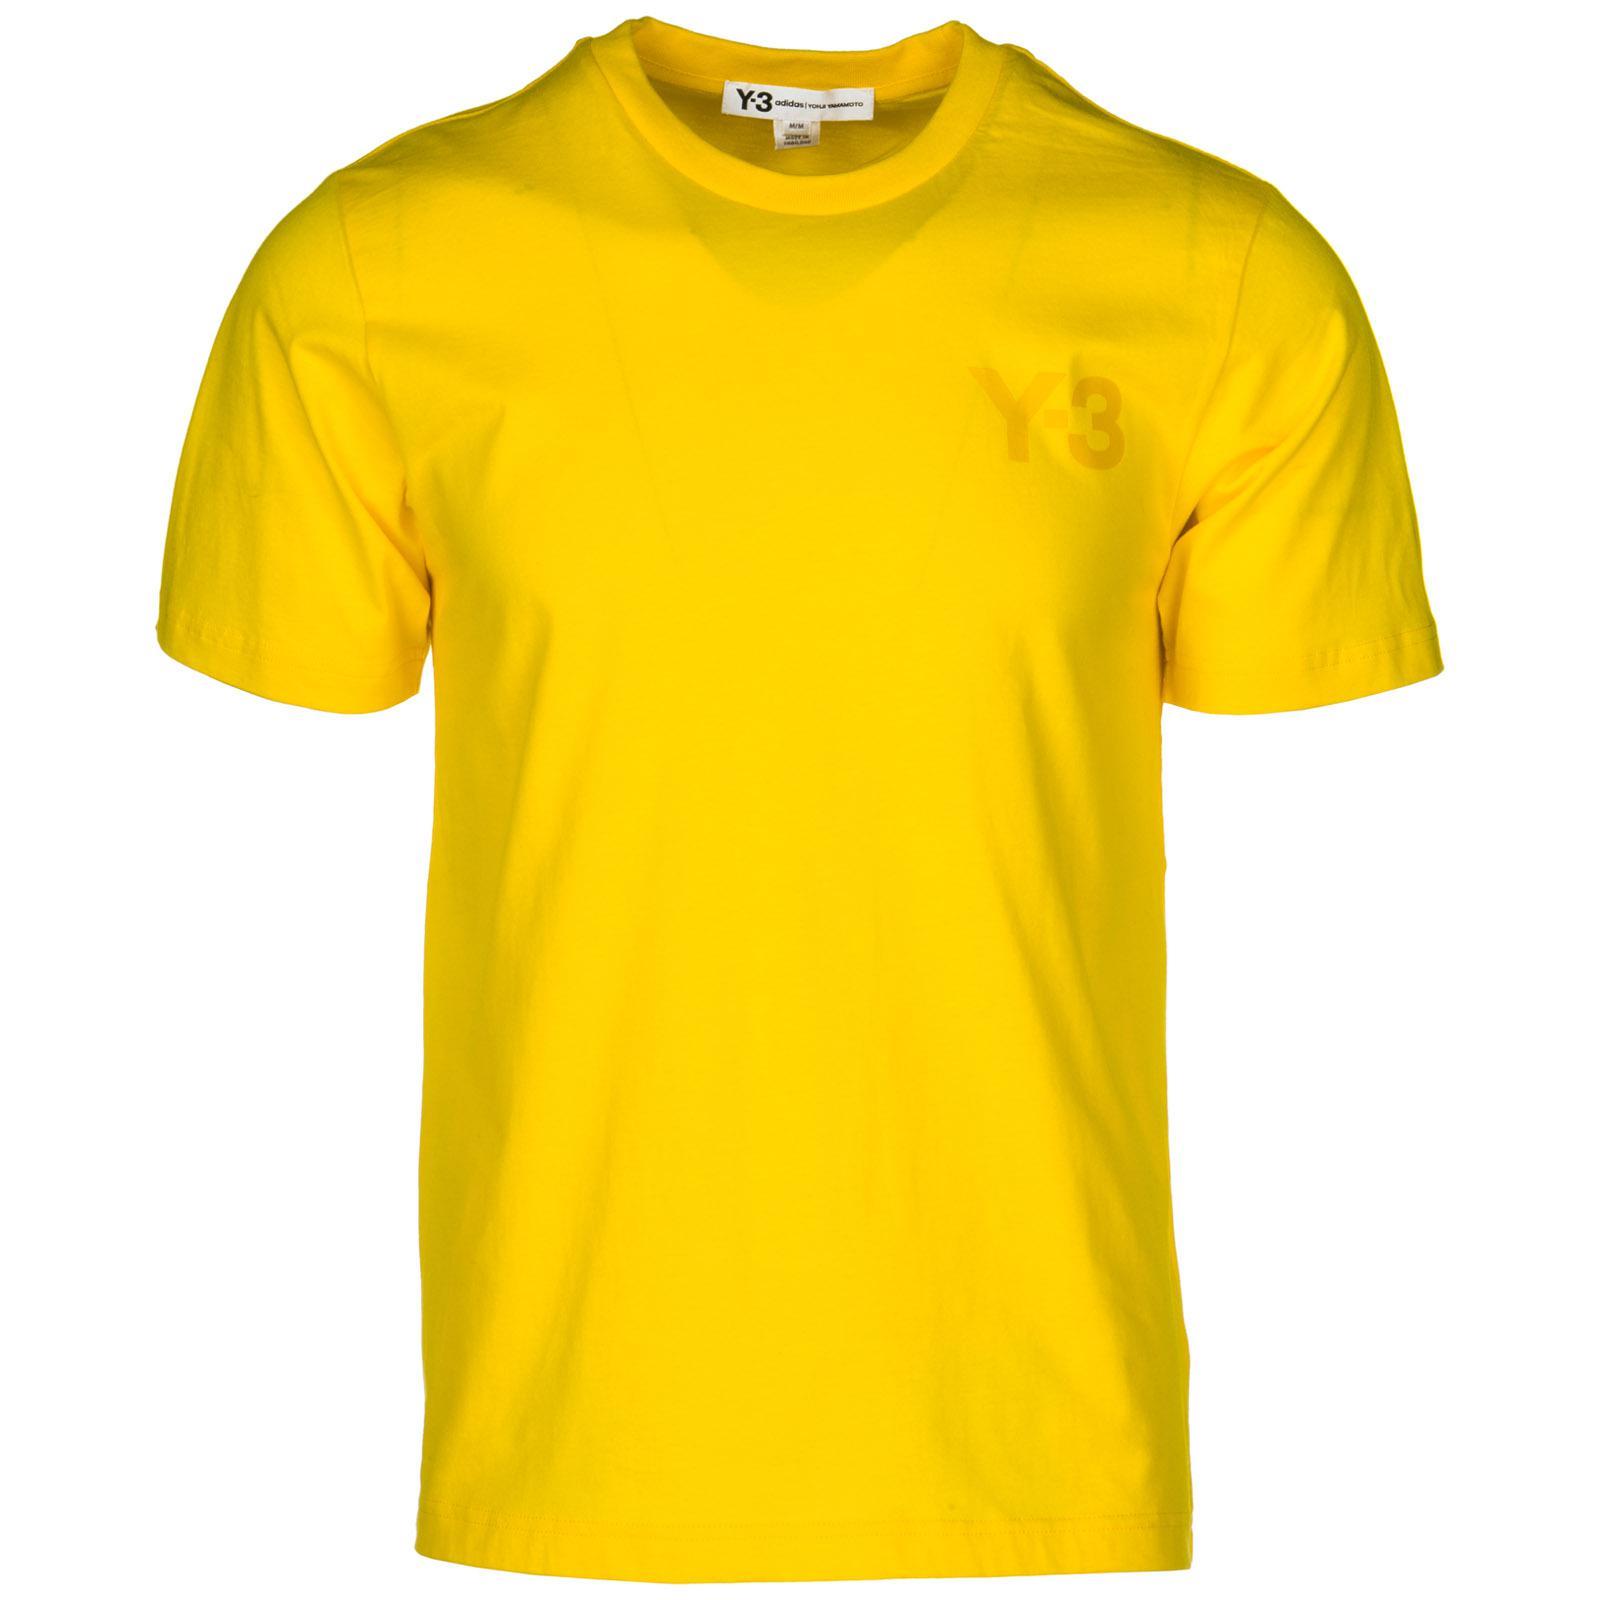 Y-3 Men's Short Sleeve T-shirt Crew Neckline Jumper In Yellow